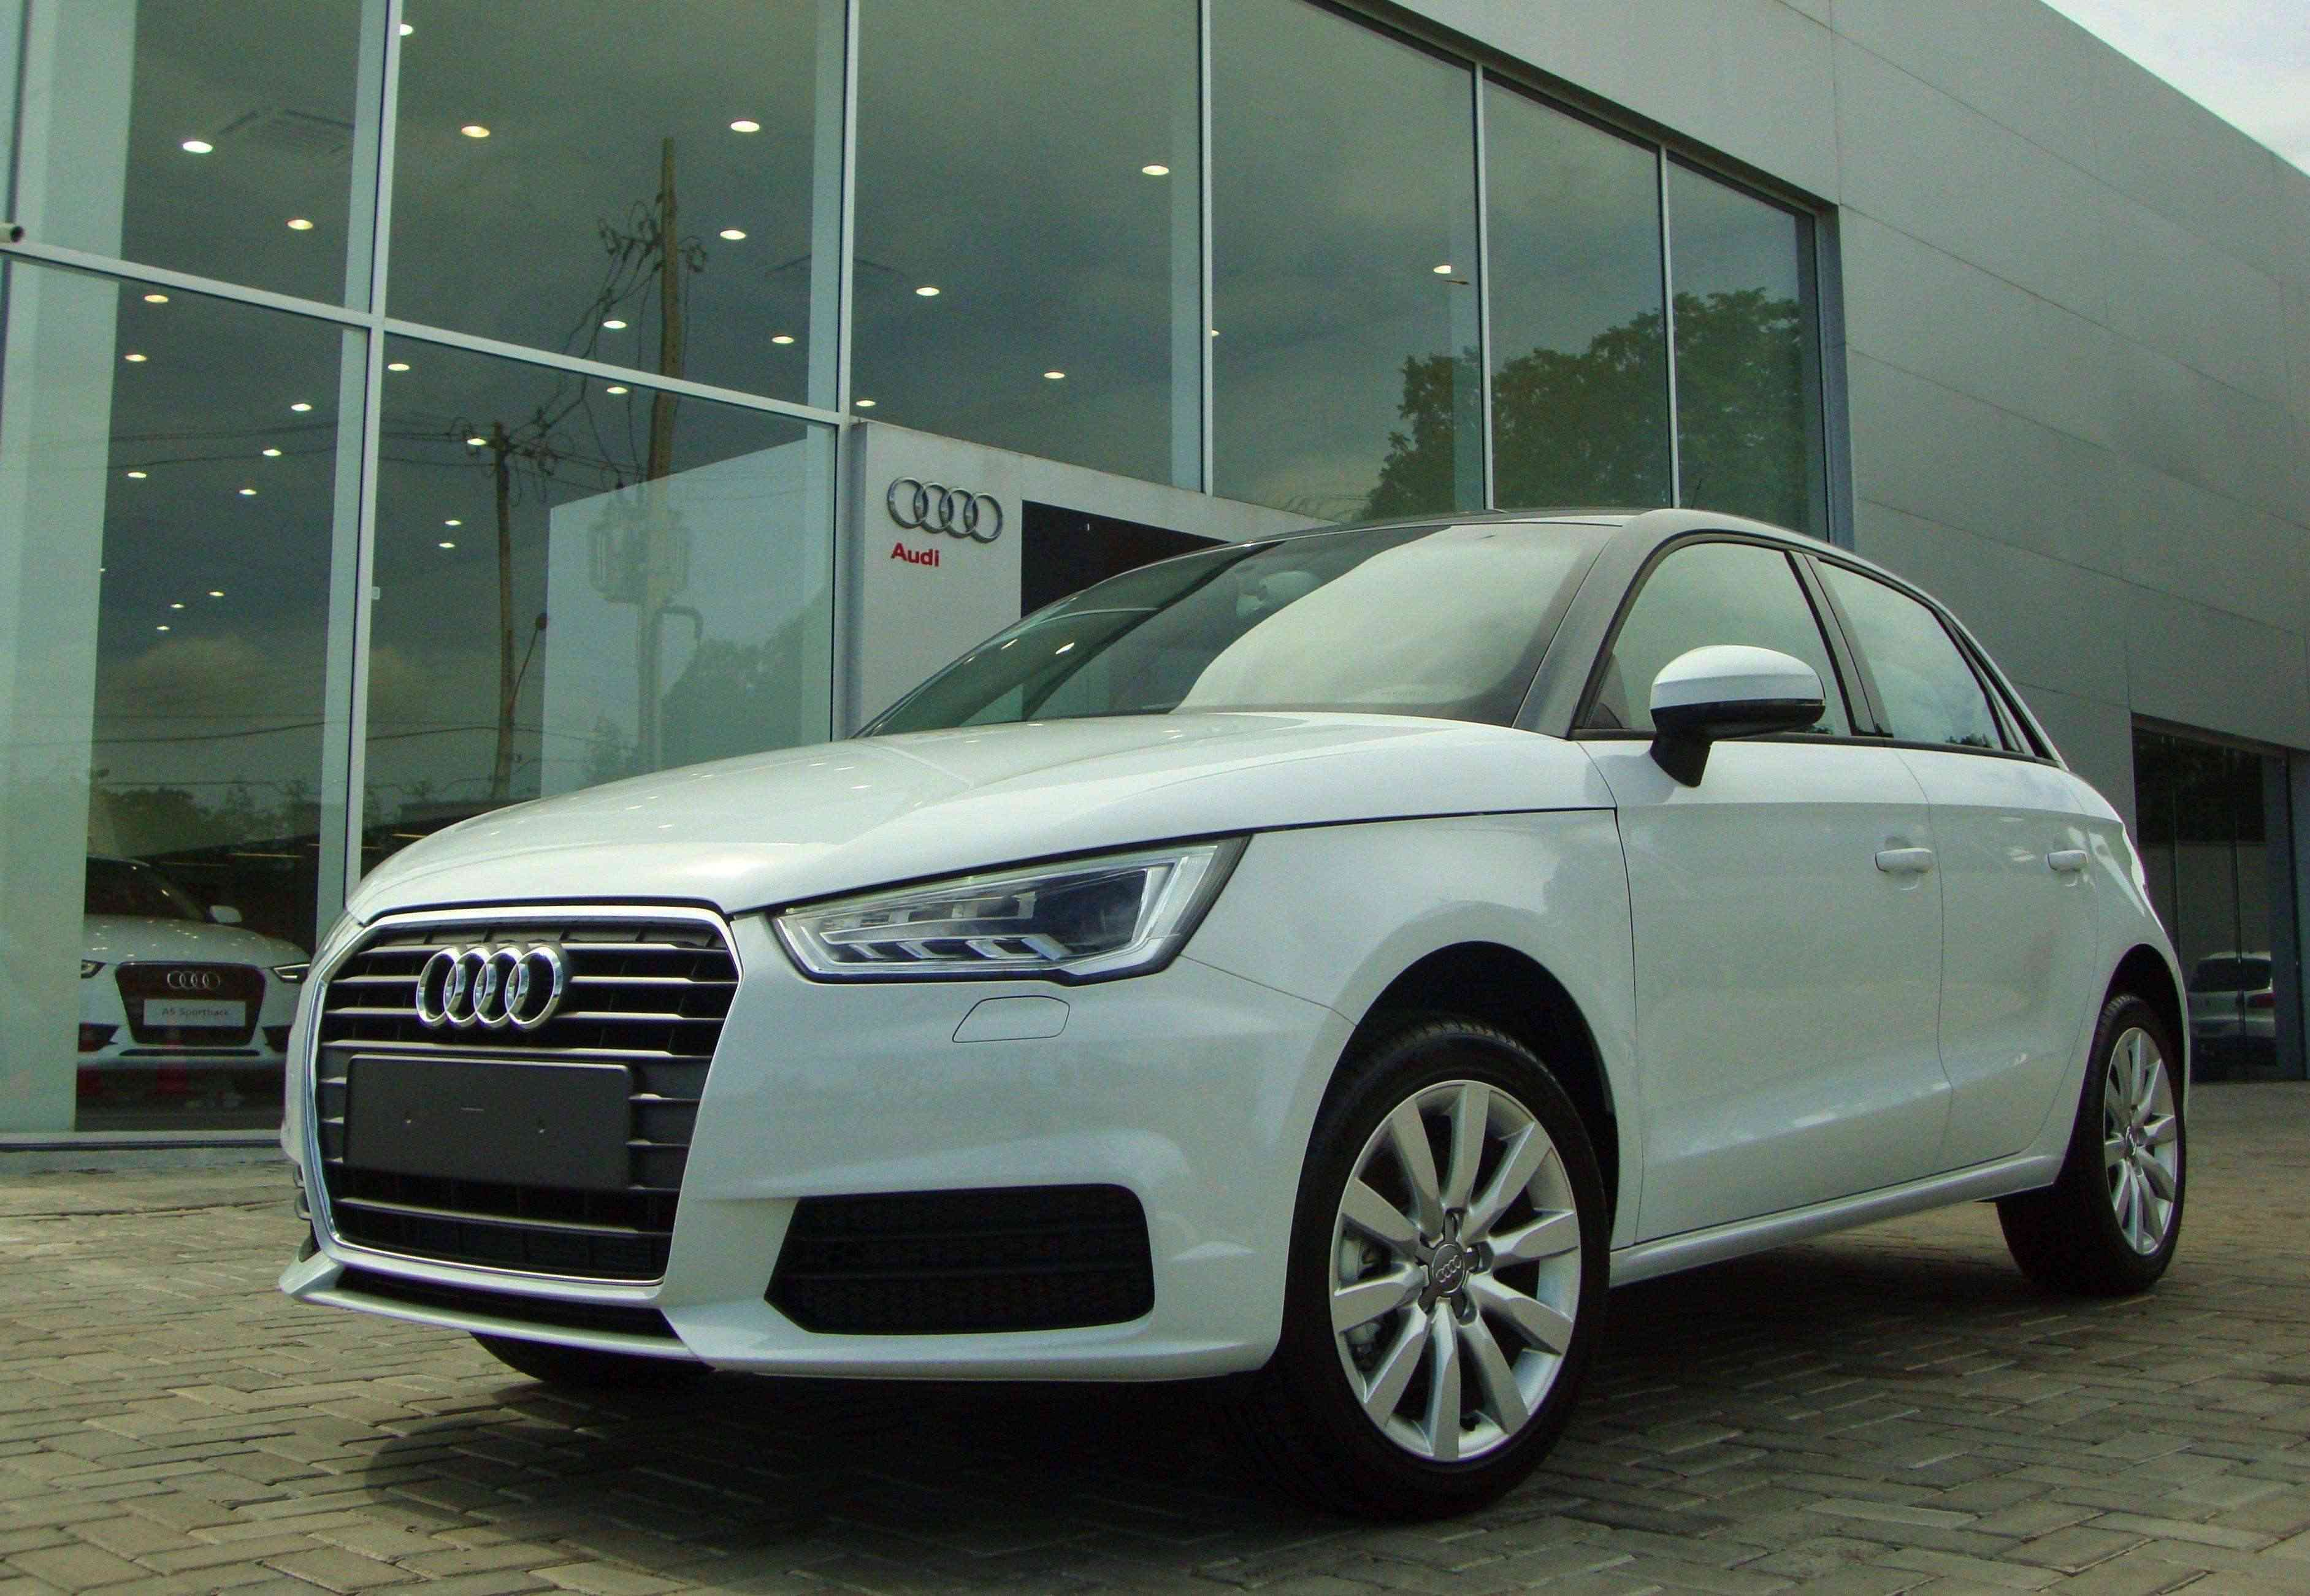 Audi A1 Sportback: qualidade alemã em roupagem compacta